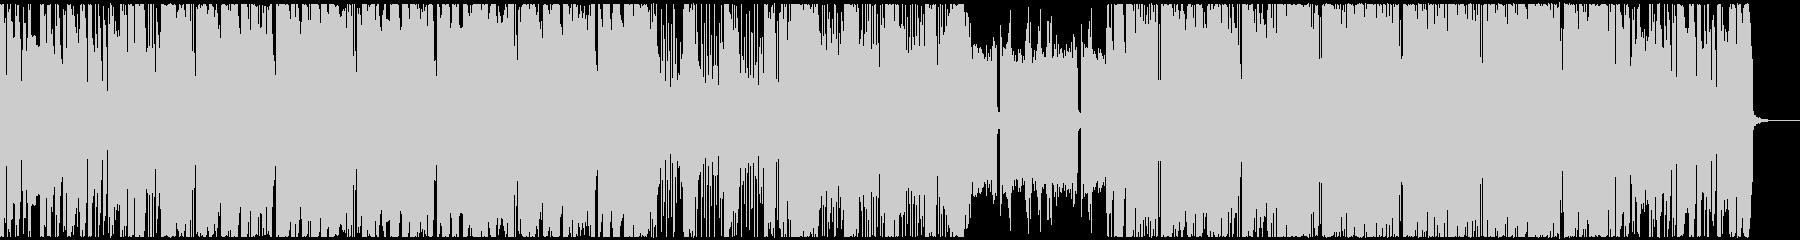 エレキギター主役のパワフルなロックBGMの未再生の波形